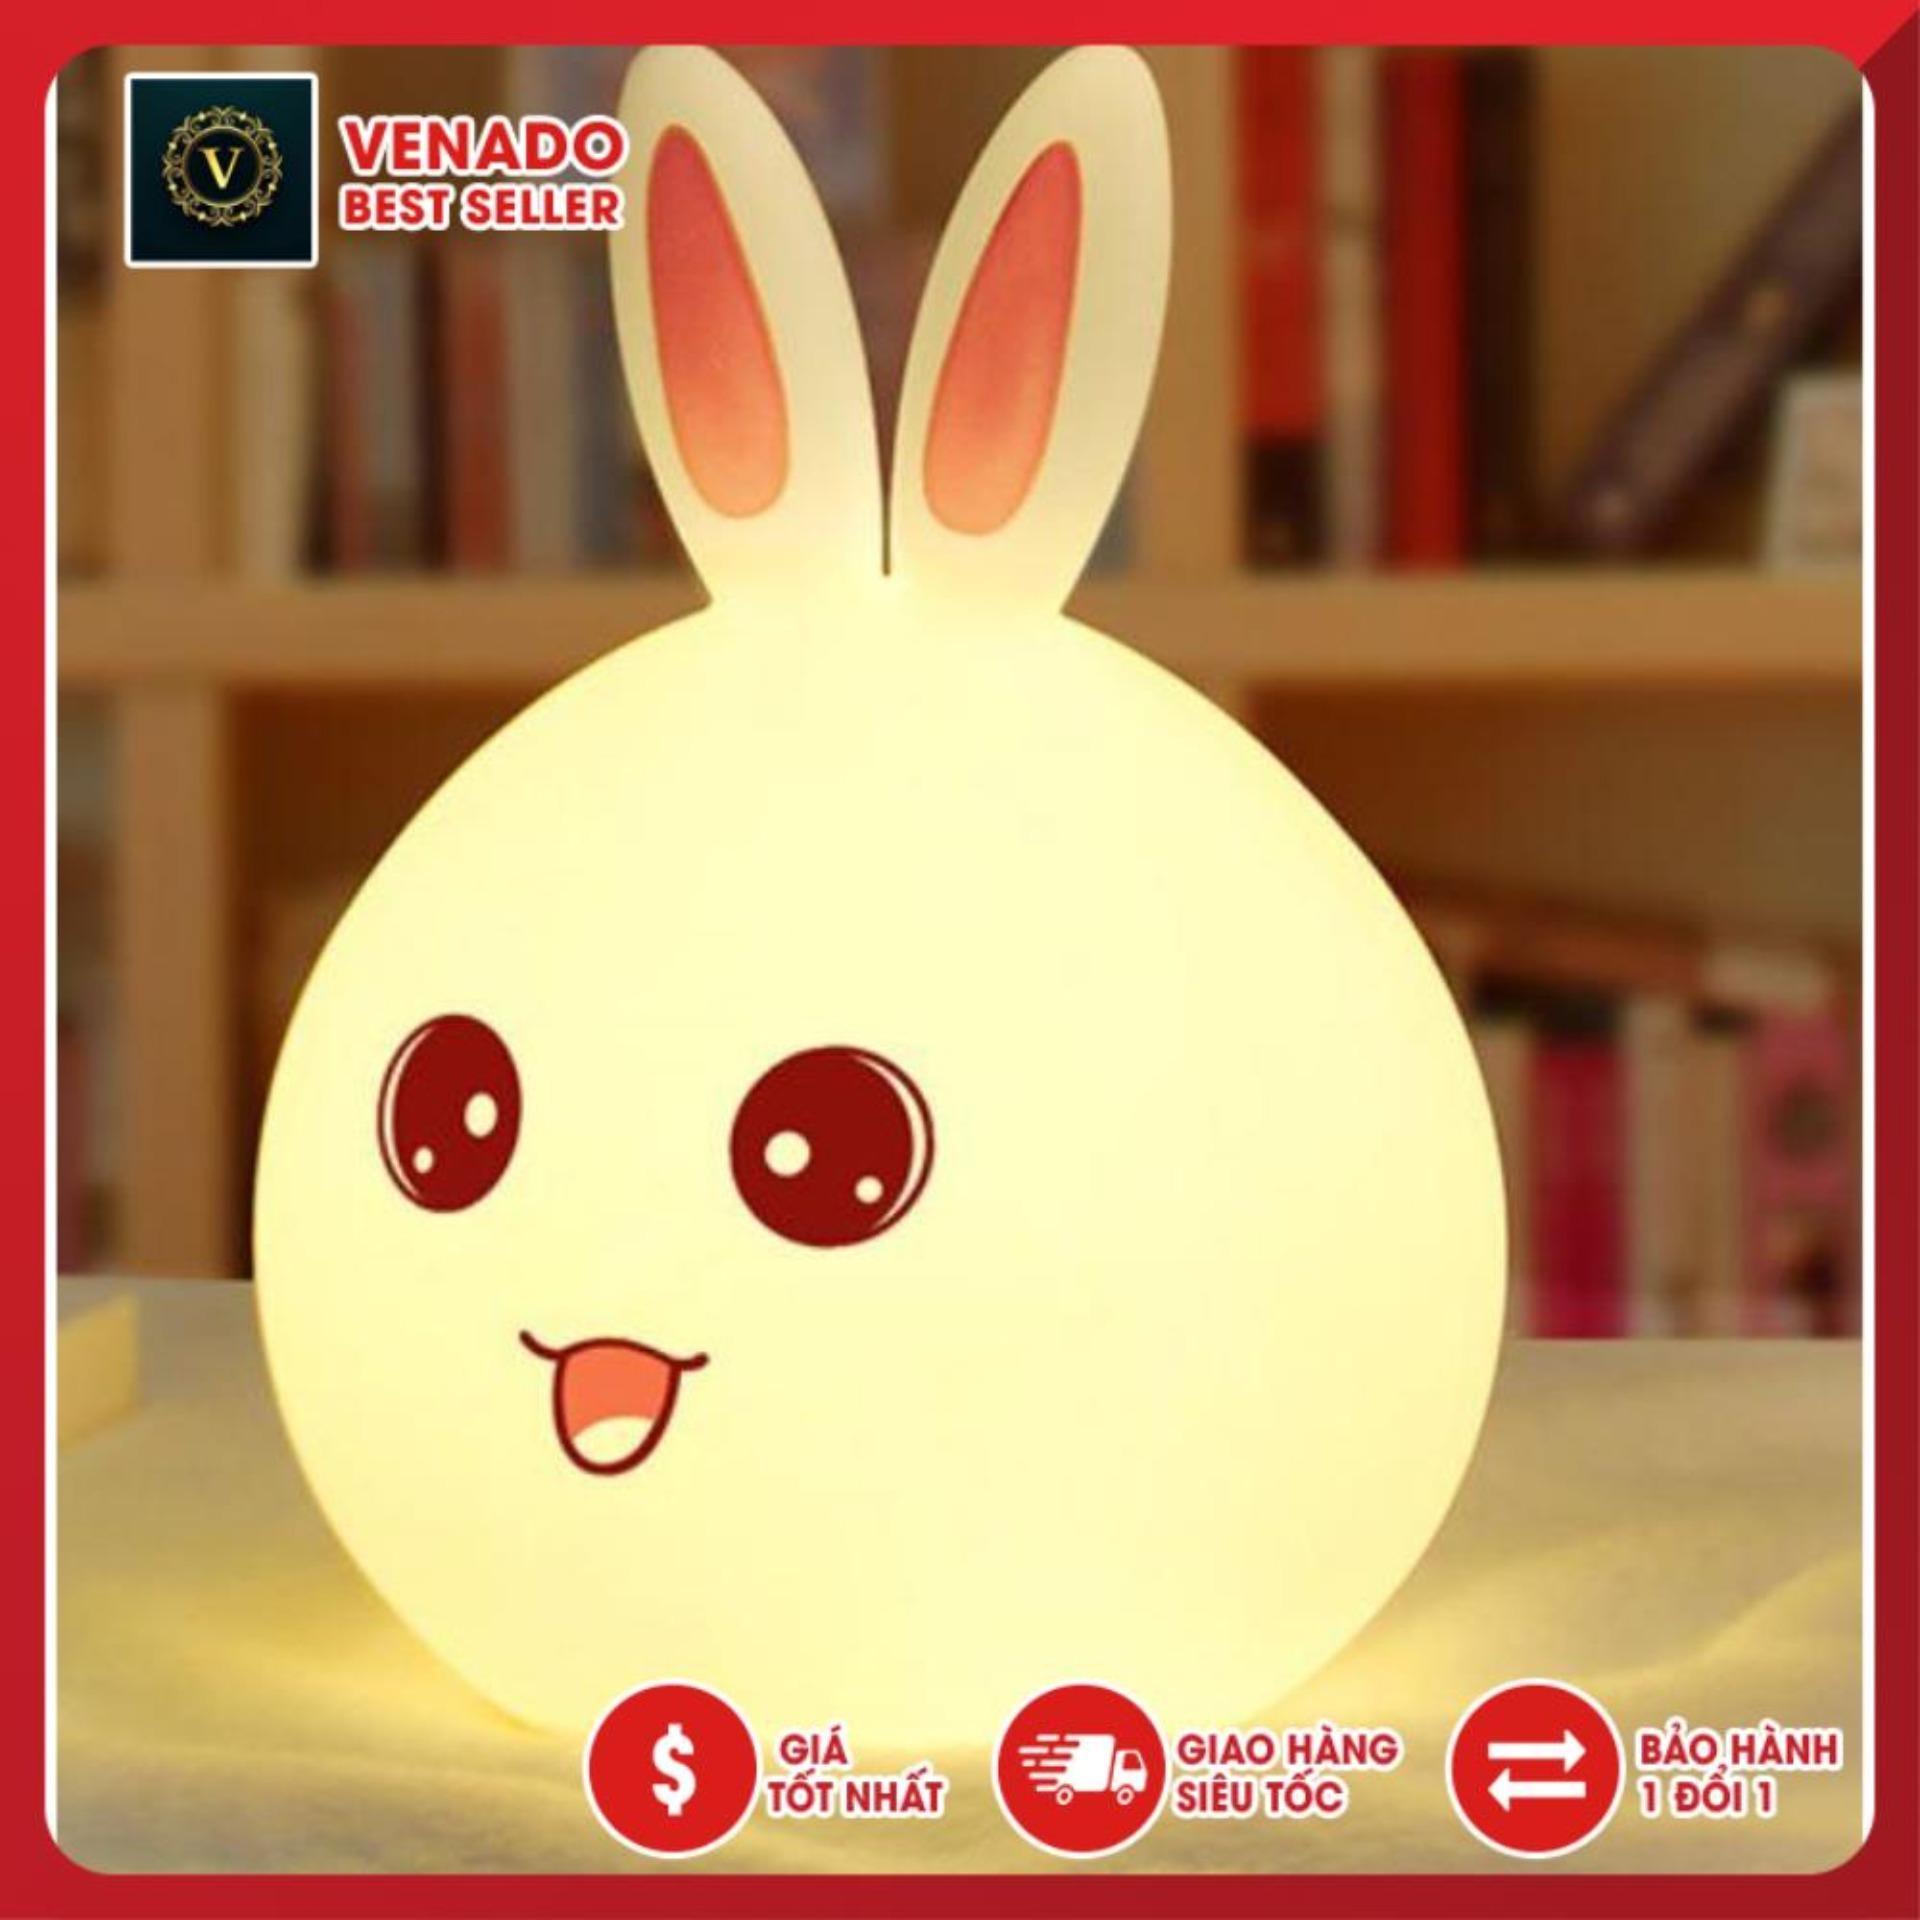 Đèn ngủ Silicon led cảm ứng dễ thương hình thỏ (Led đổi màu) silicon dẻo cao cấp có điều khiển từ xa, đèn ngủ cảm ứng trang trí để bàn cực hot